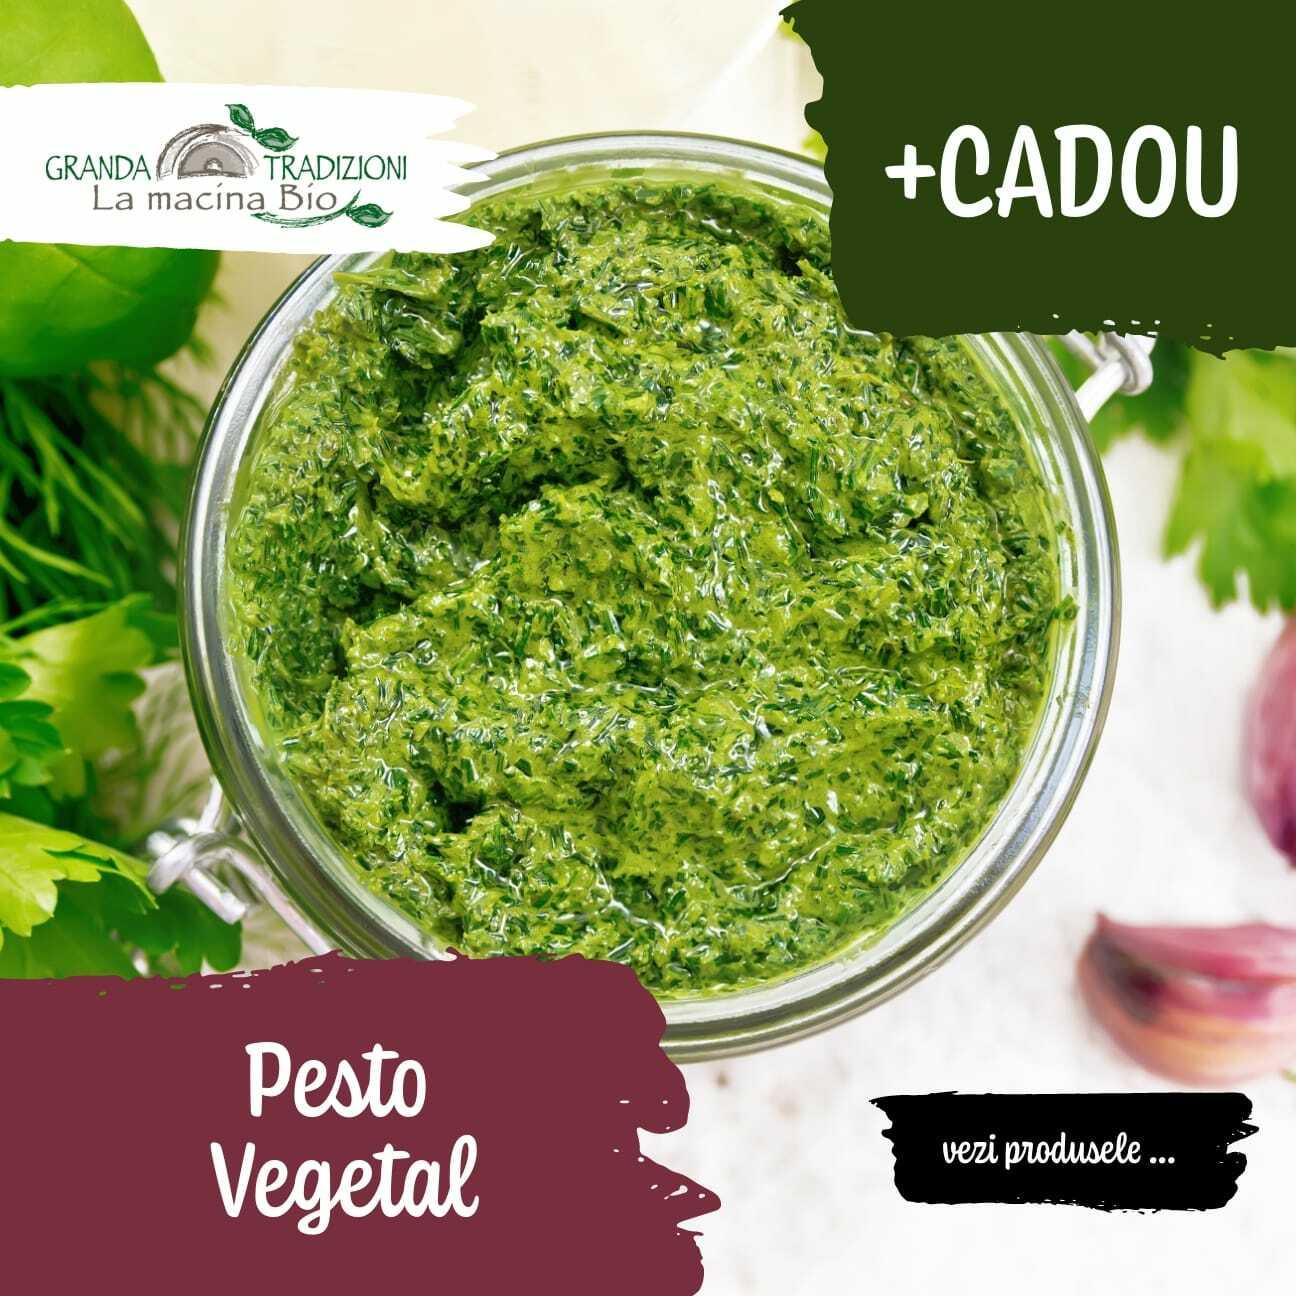 Pesto vegetal